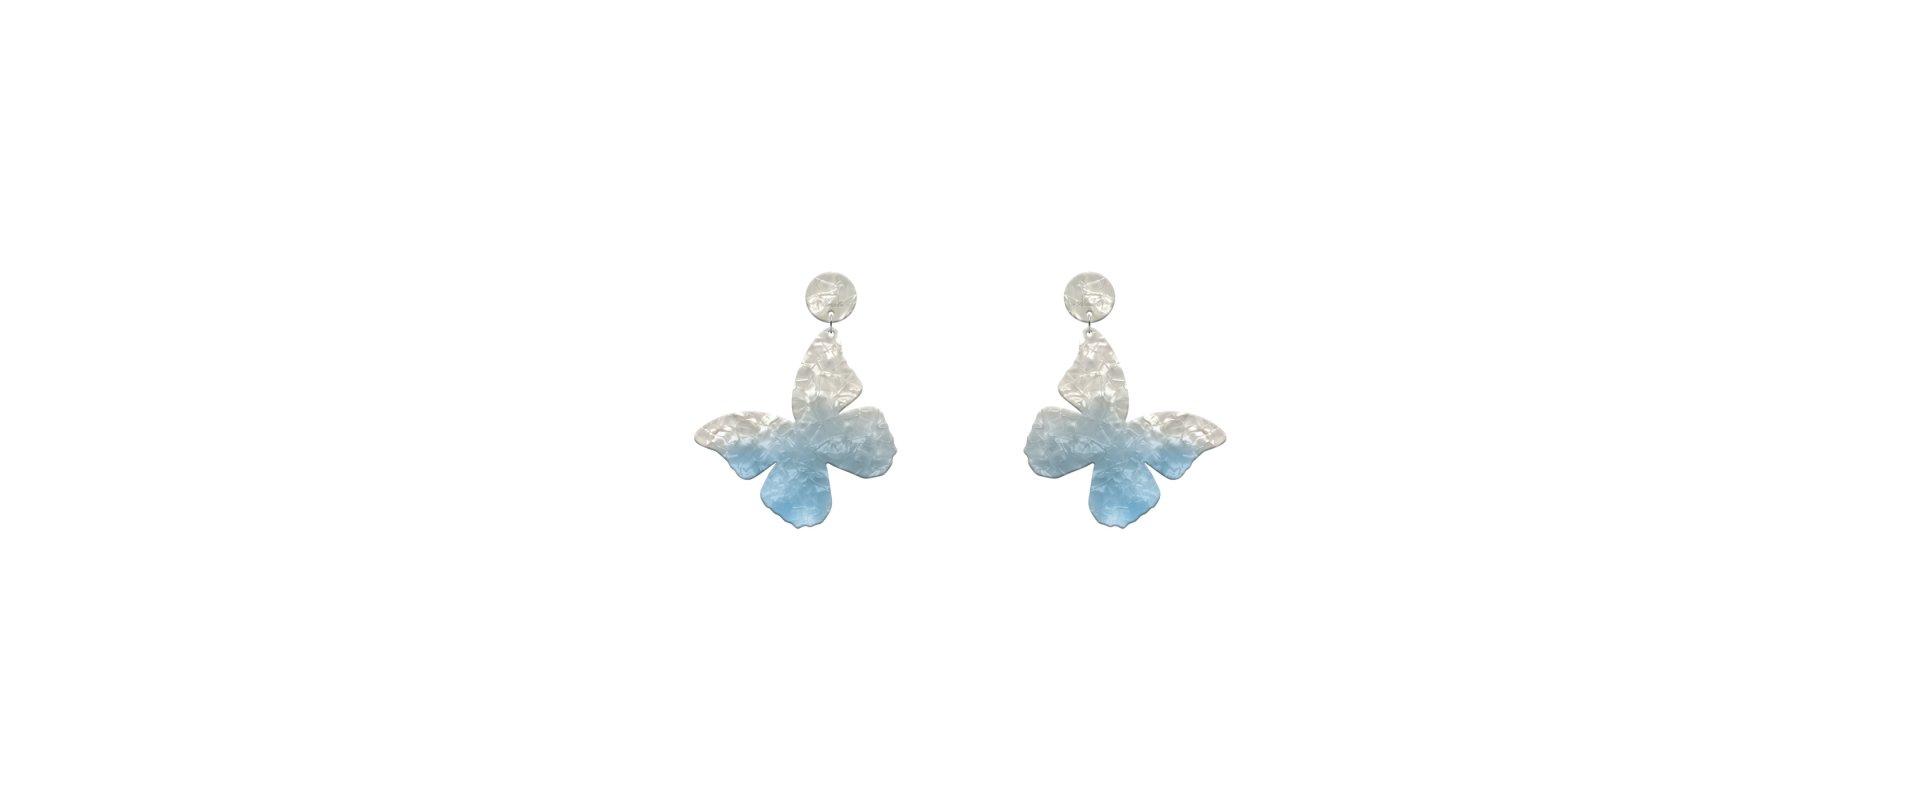 Pendientes mariposa azul mini a la venta en anabi.online